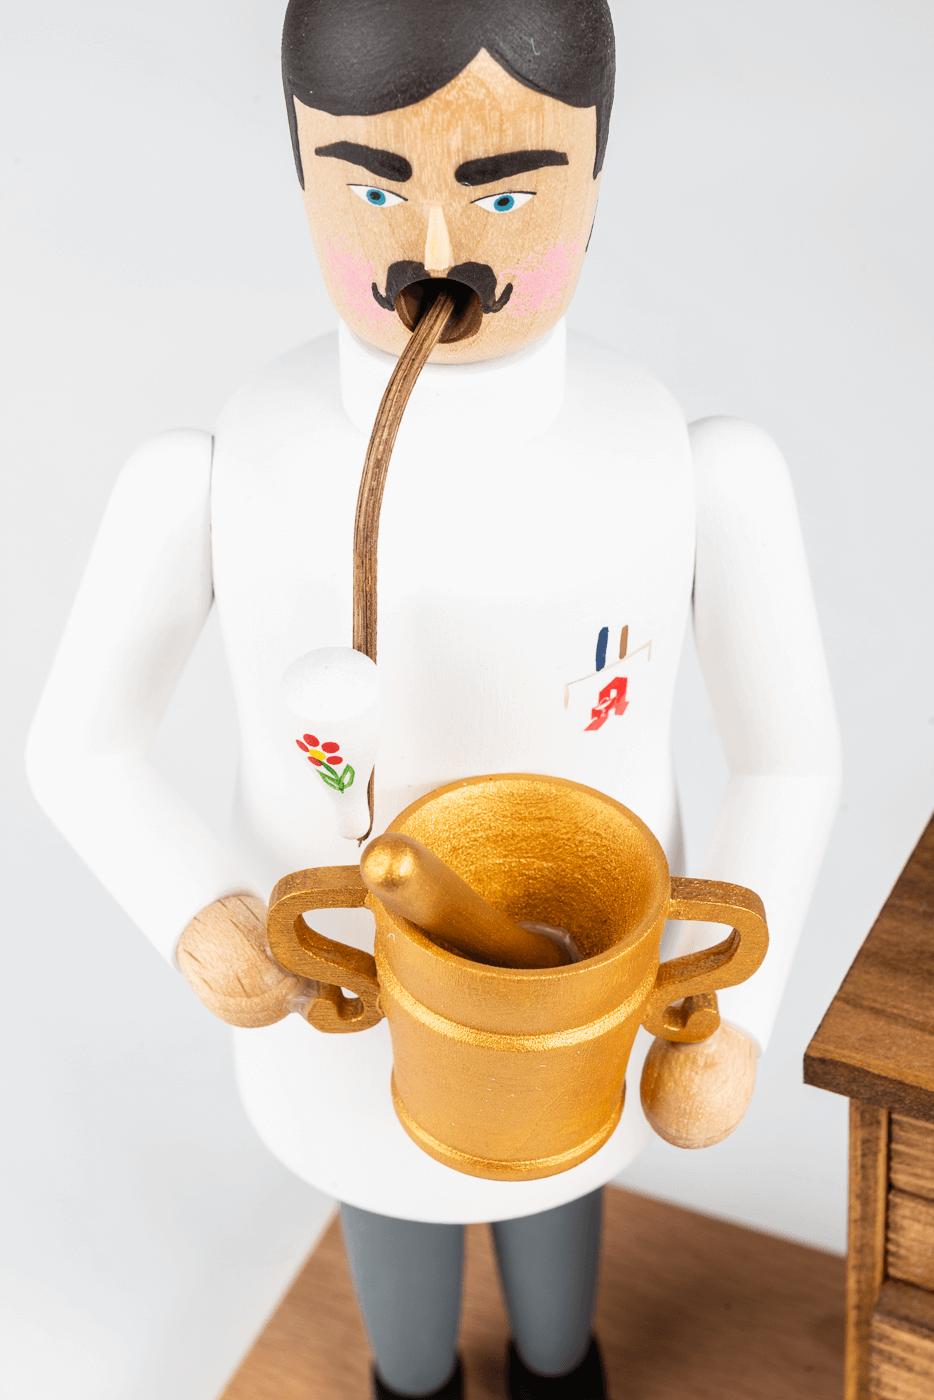 Räuchermann, Apotheker mit Schrank